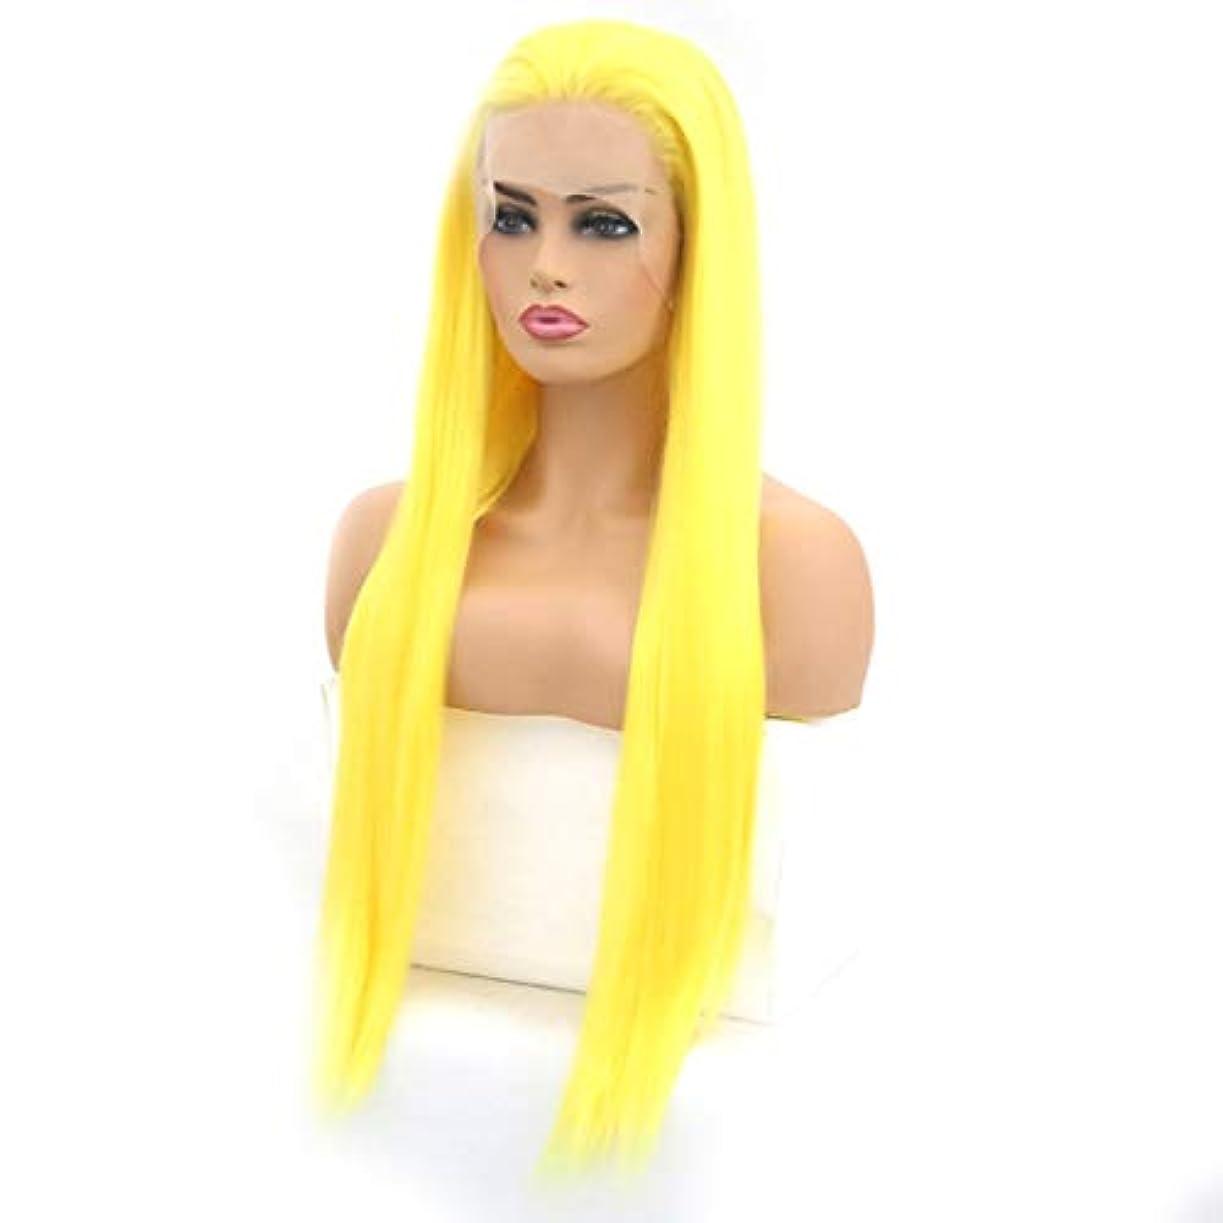 報奨金ストライド寓話Kerwinner 女性のためのレースフロントかつらサイド部分ロングナチュラルストレート耐熱人工毛ウィッグ (Size : 18inch)